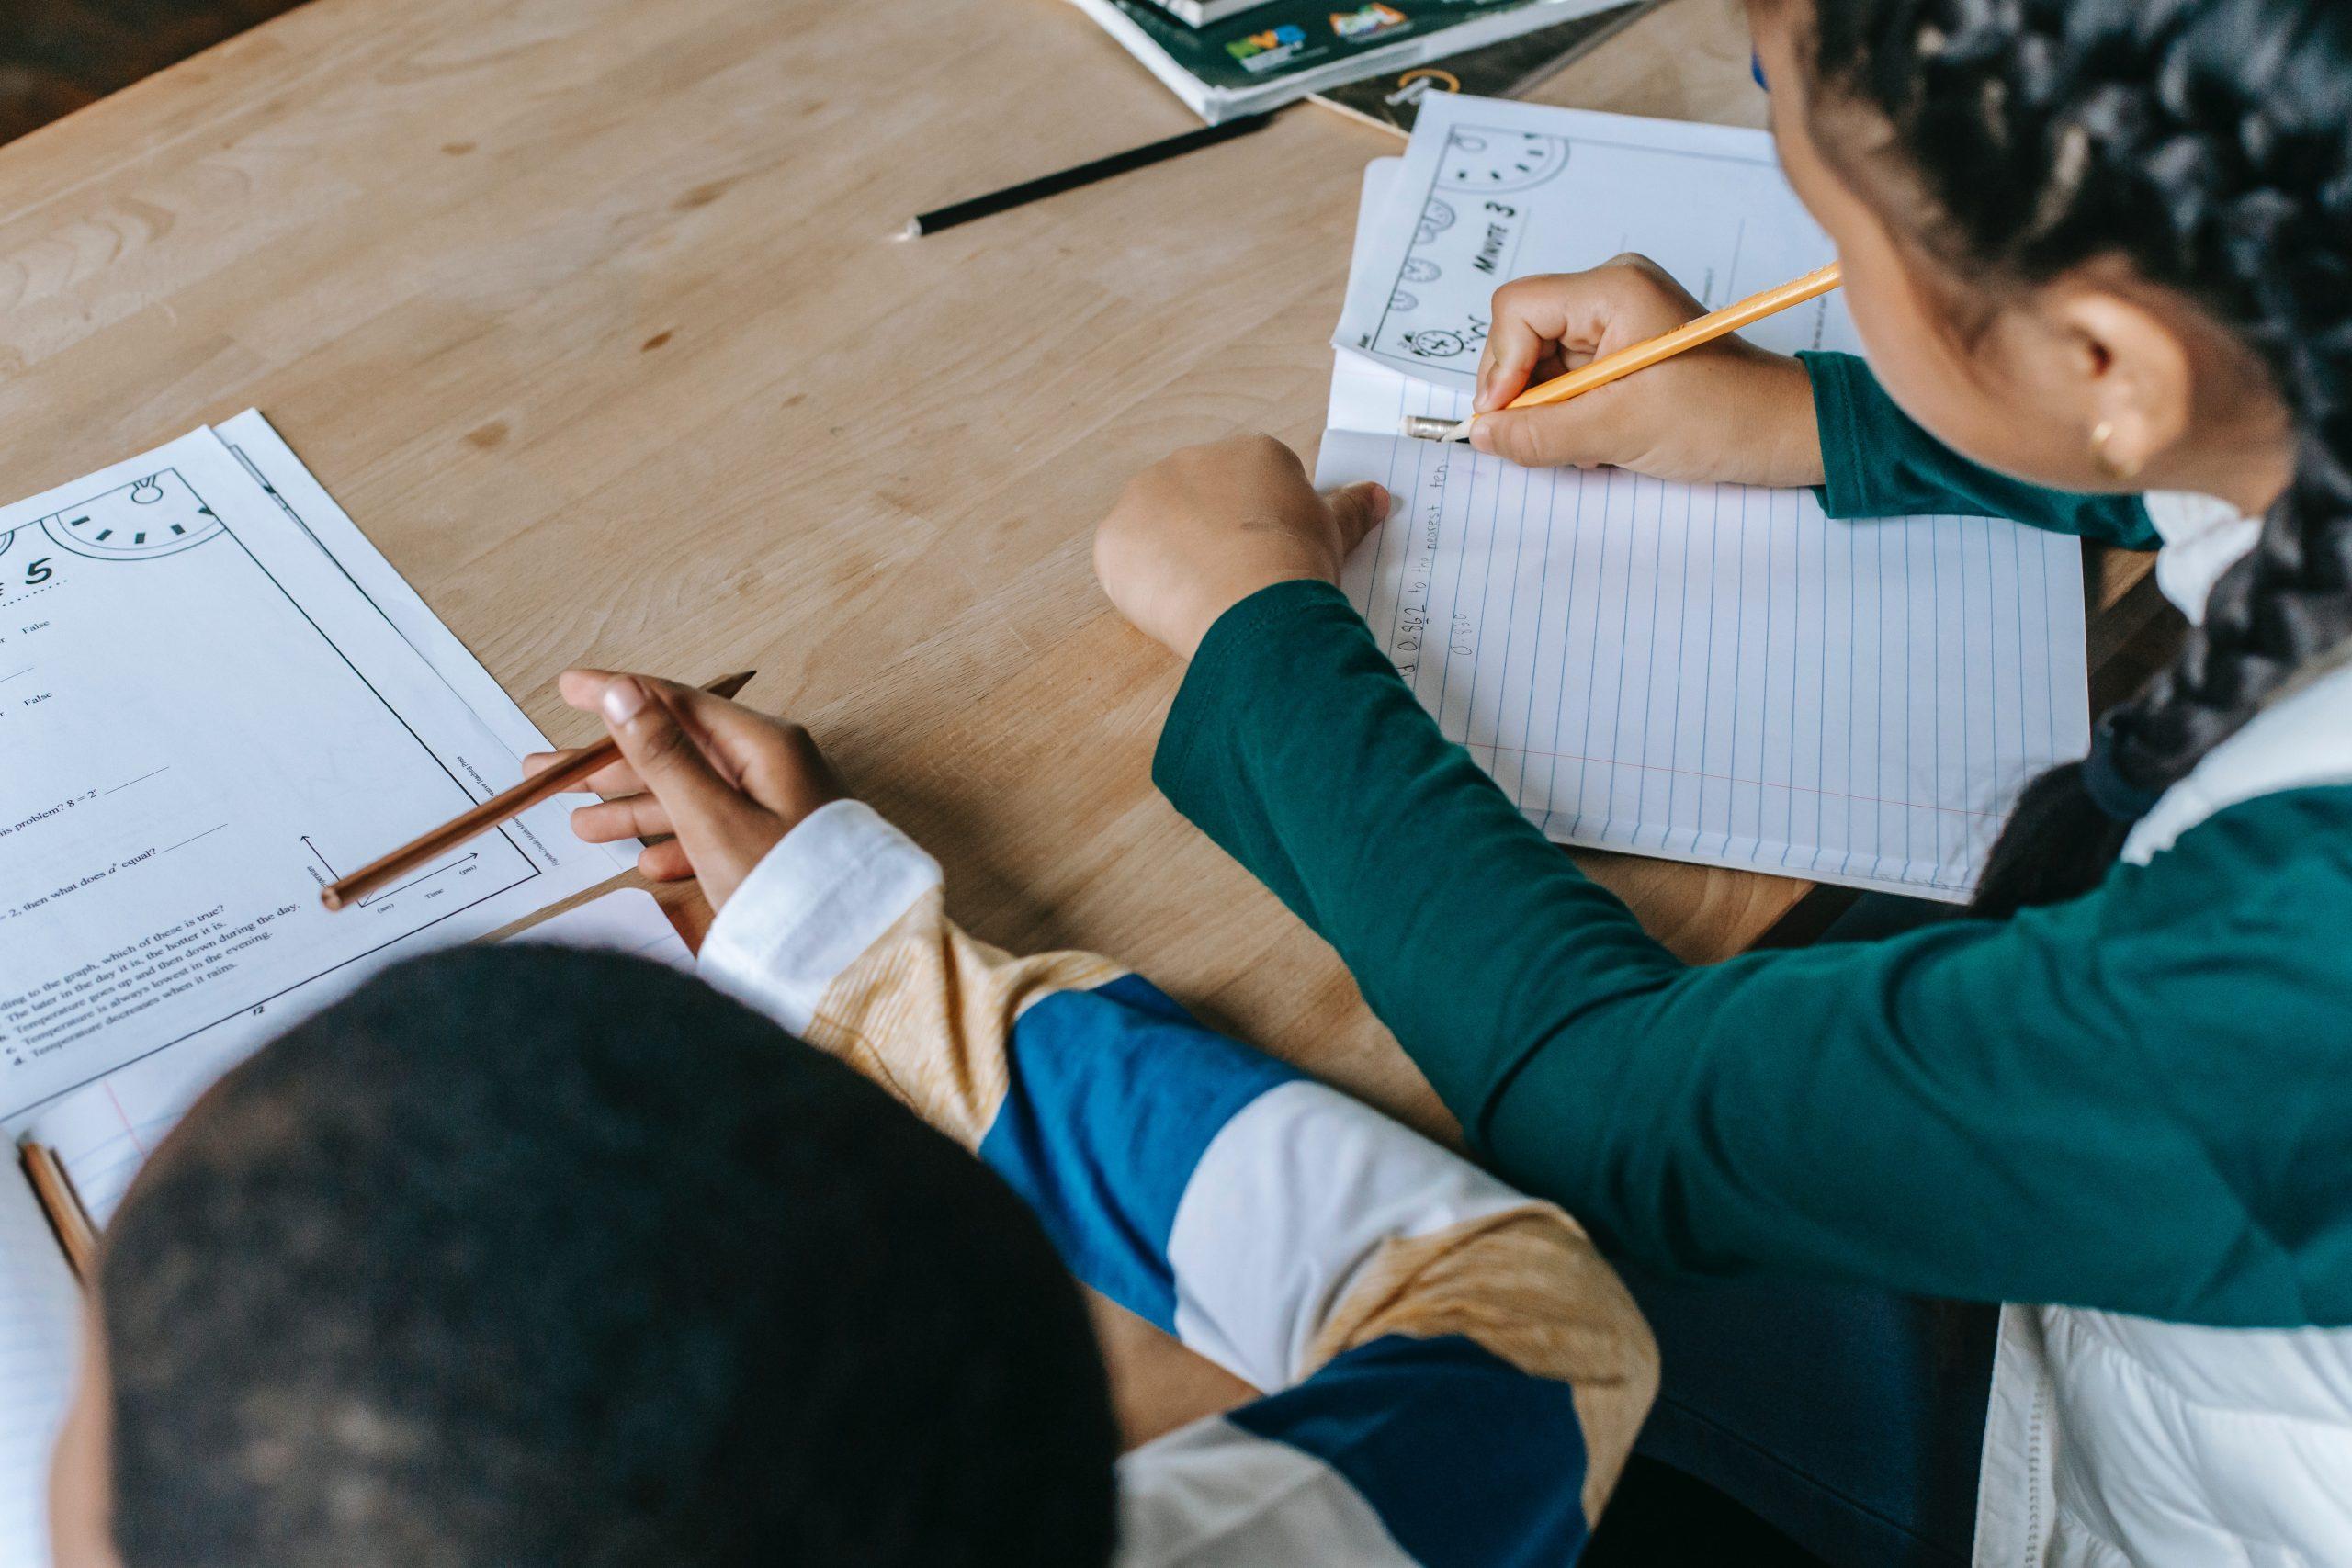 La OEI y el BID se alían para la educación del siglo XXI en Latinoamérica